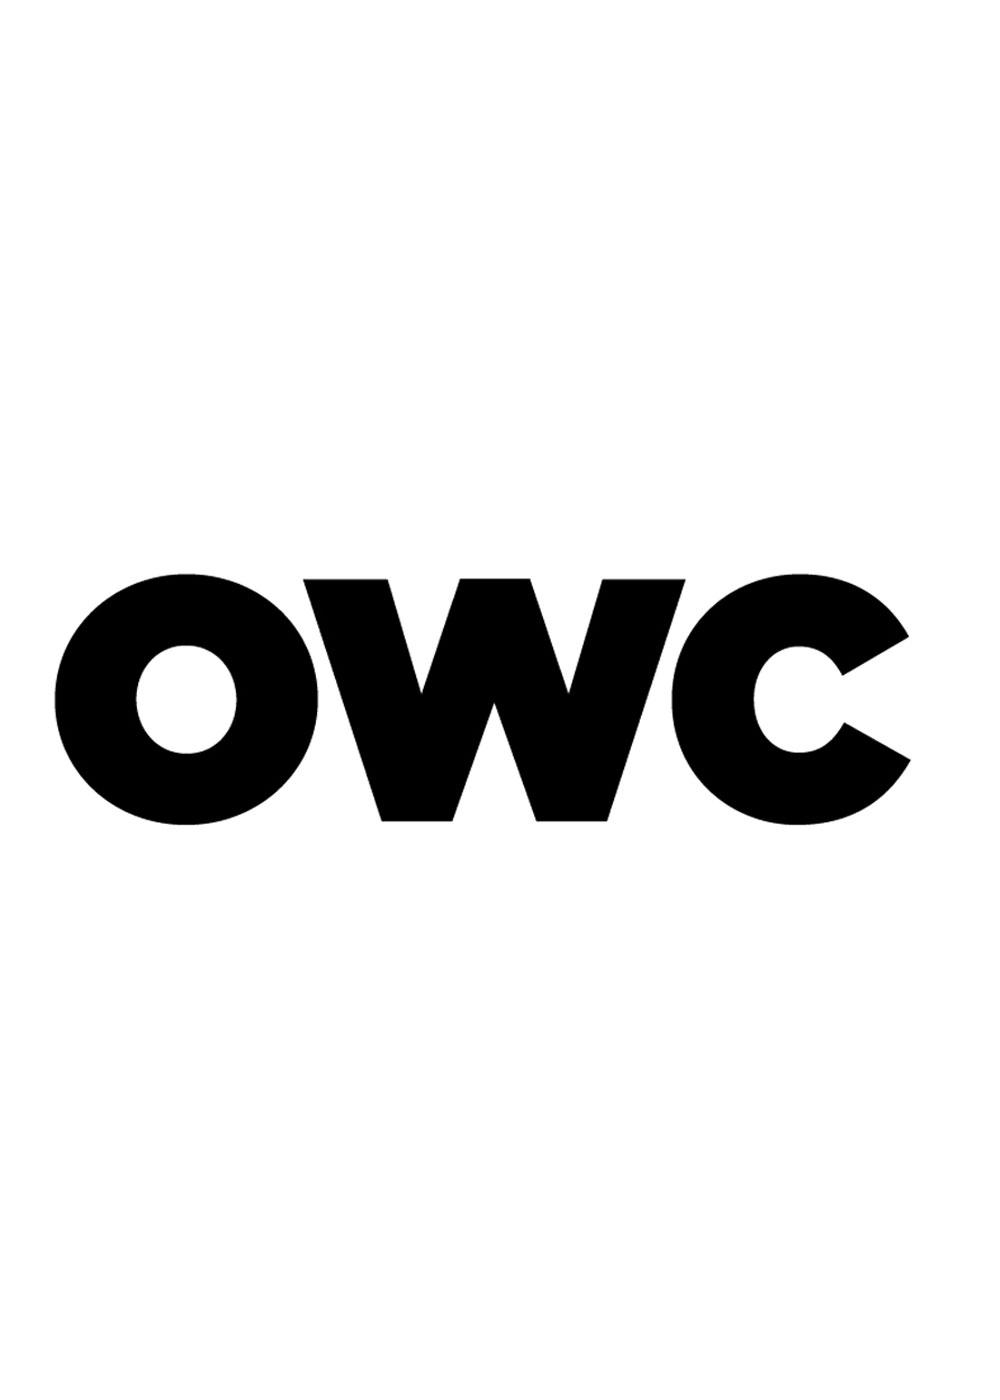 owc_logga